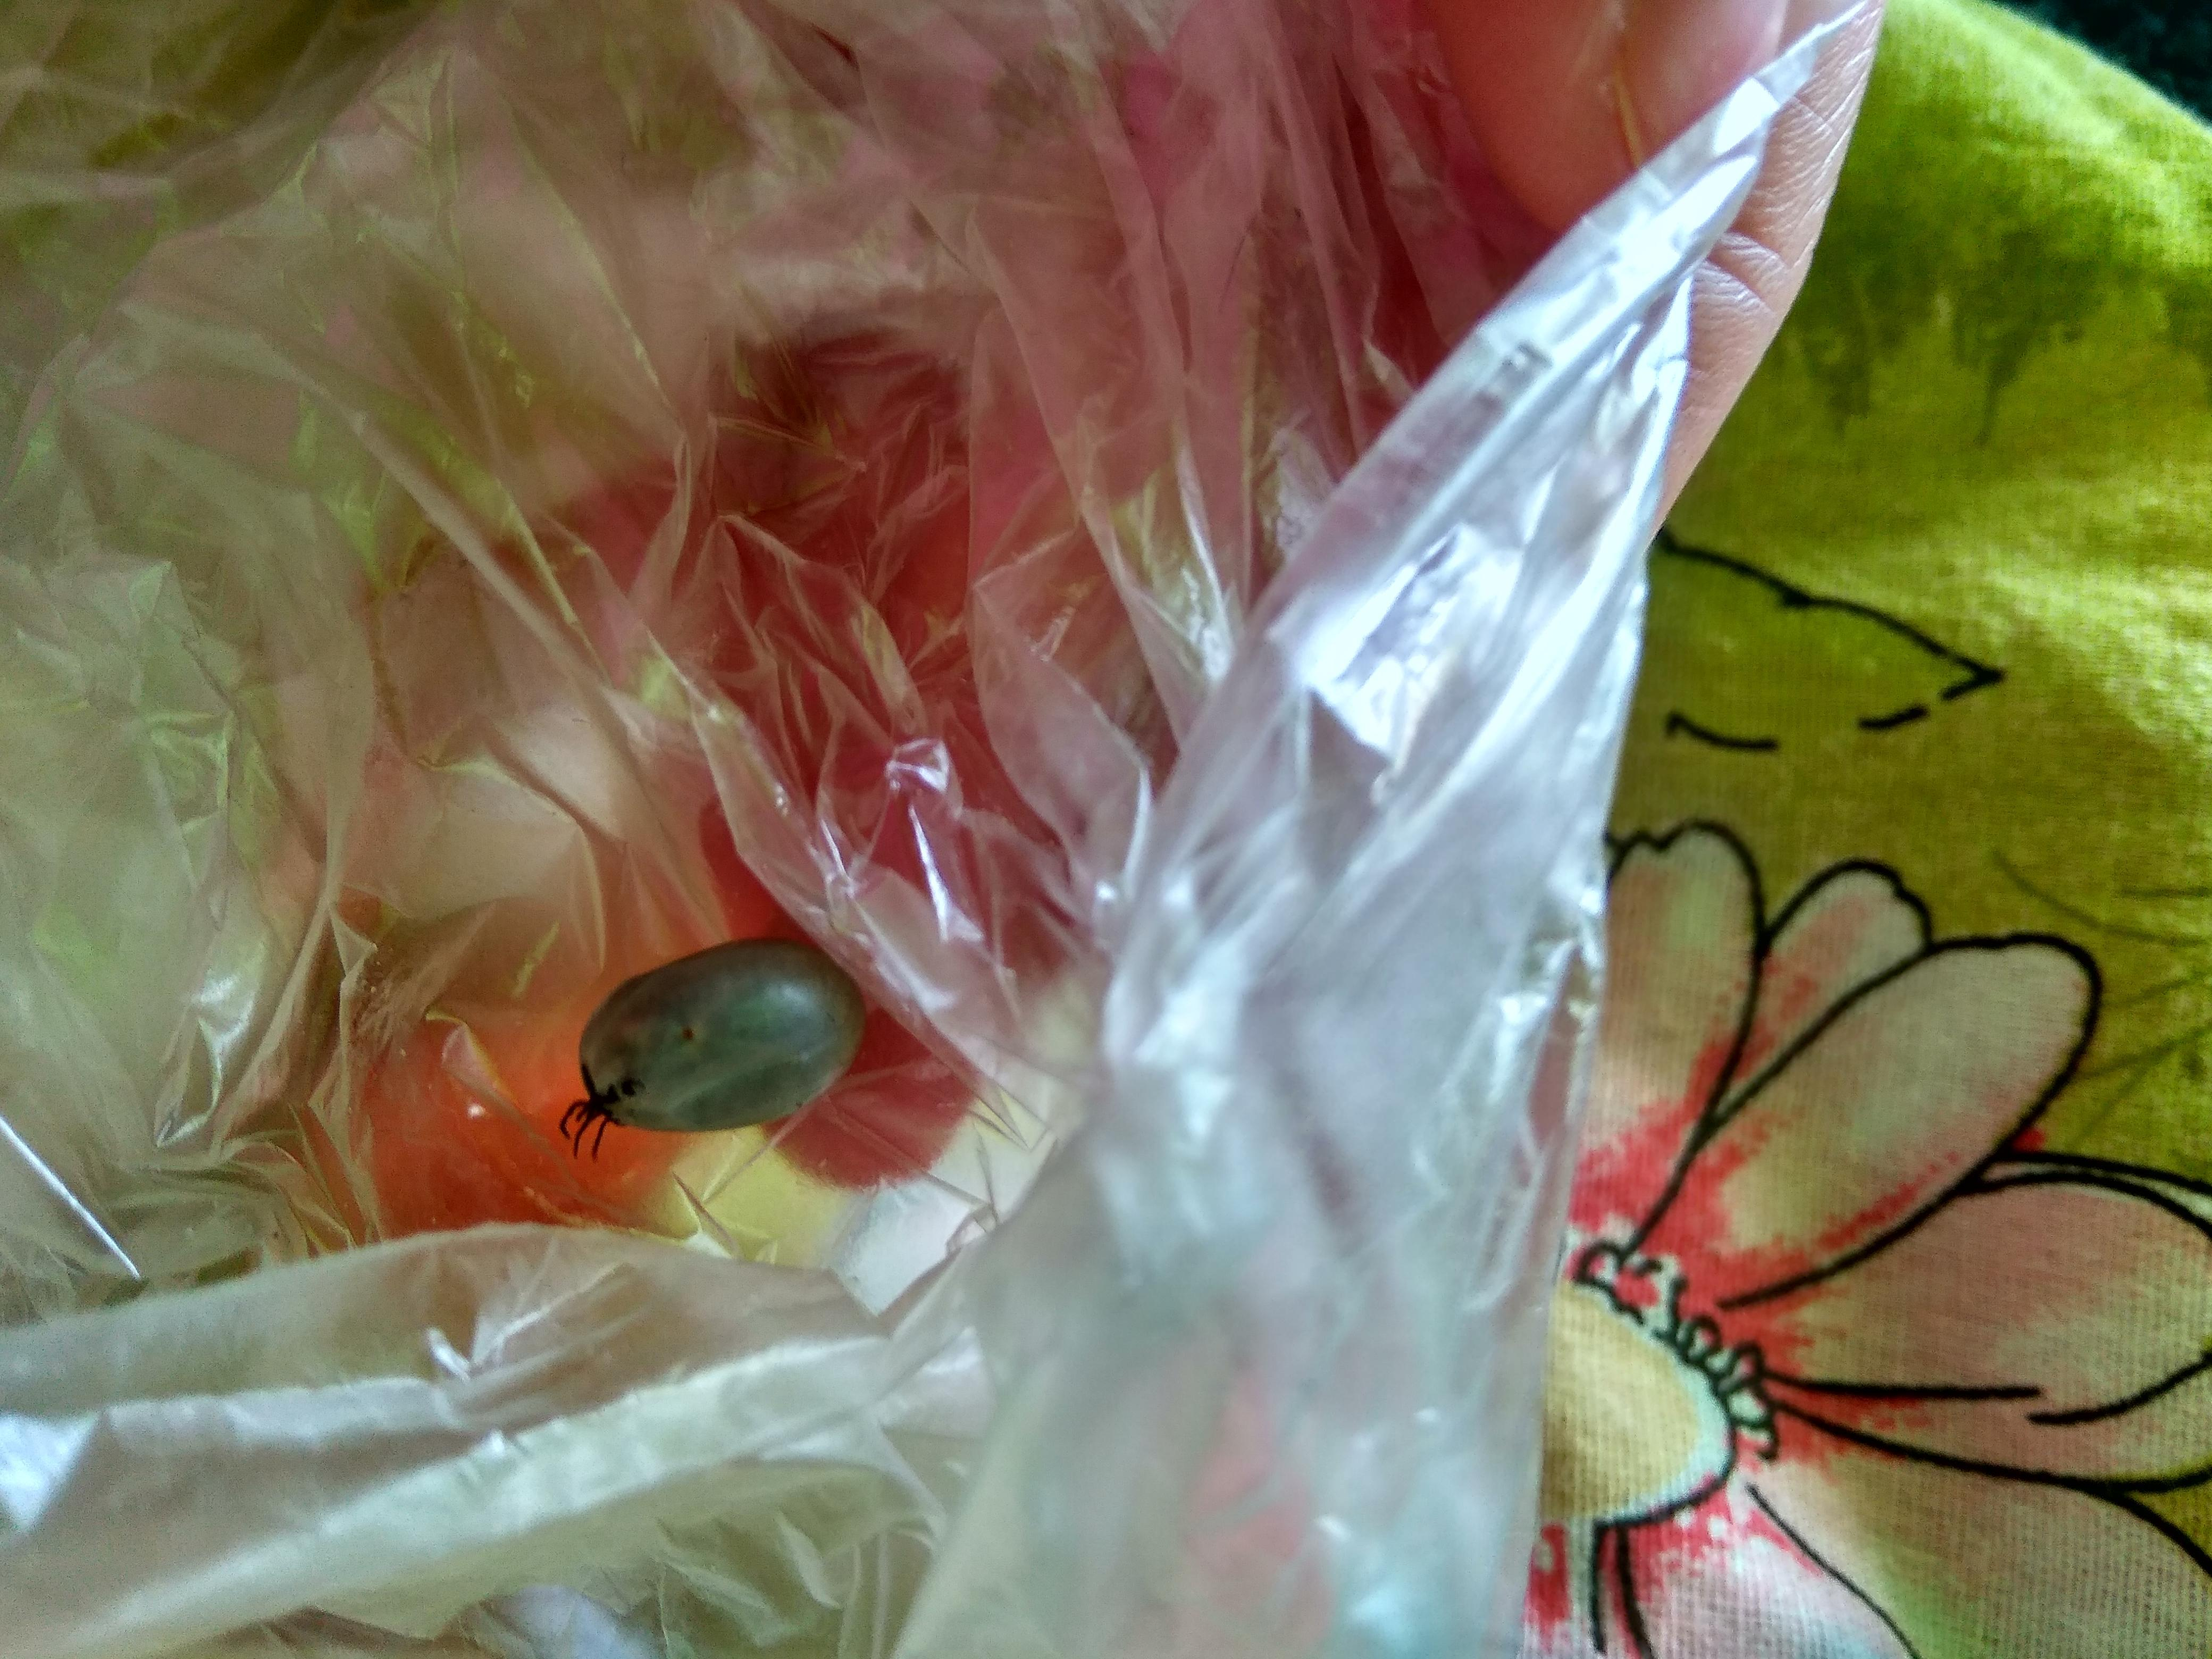 Что делать если проглотил личинок мухи. опасные мухи